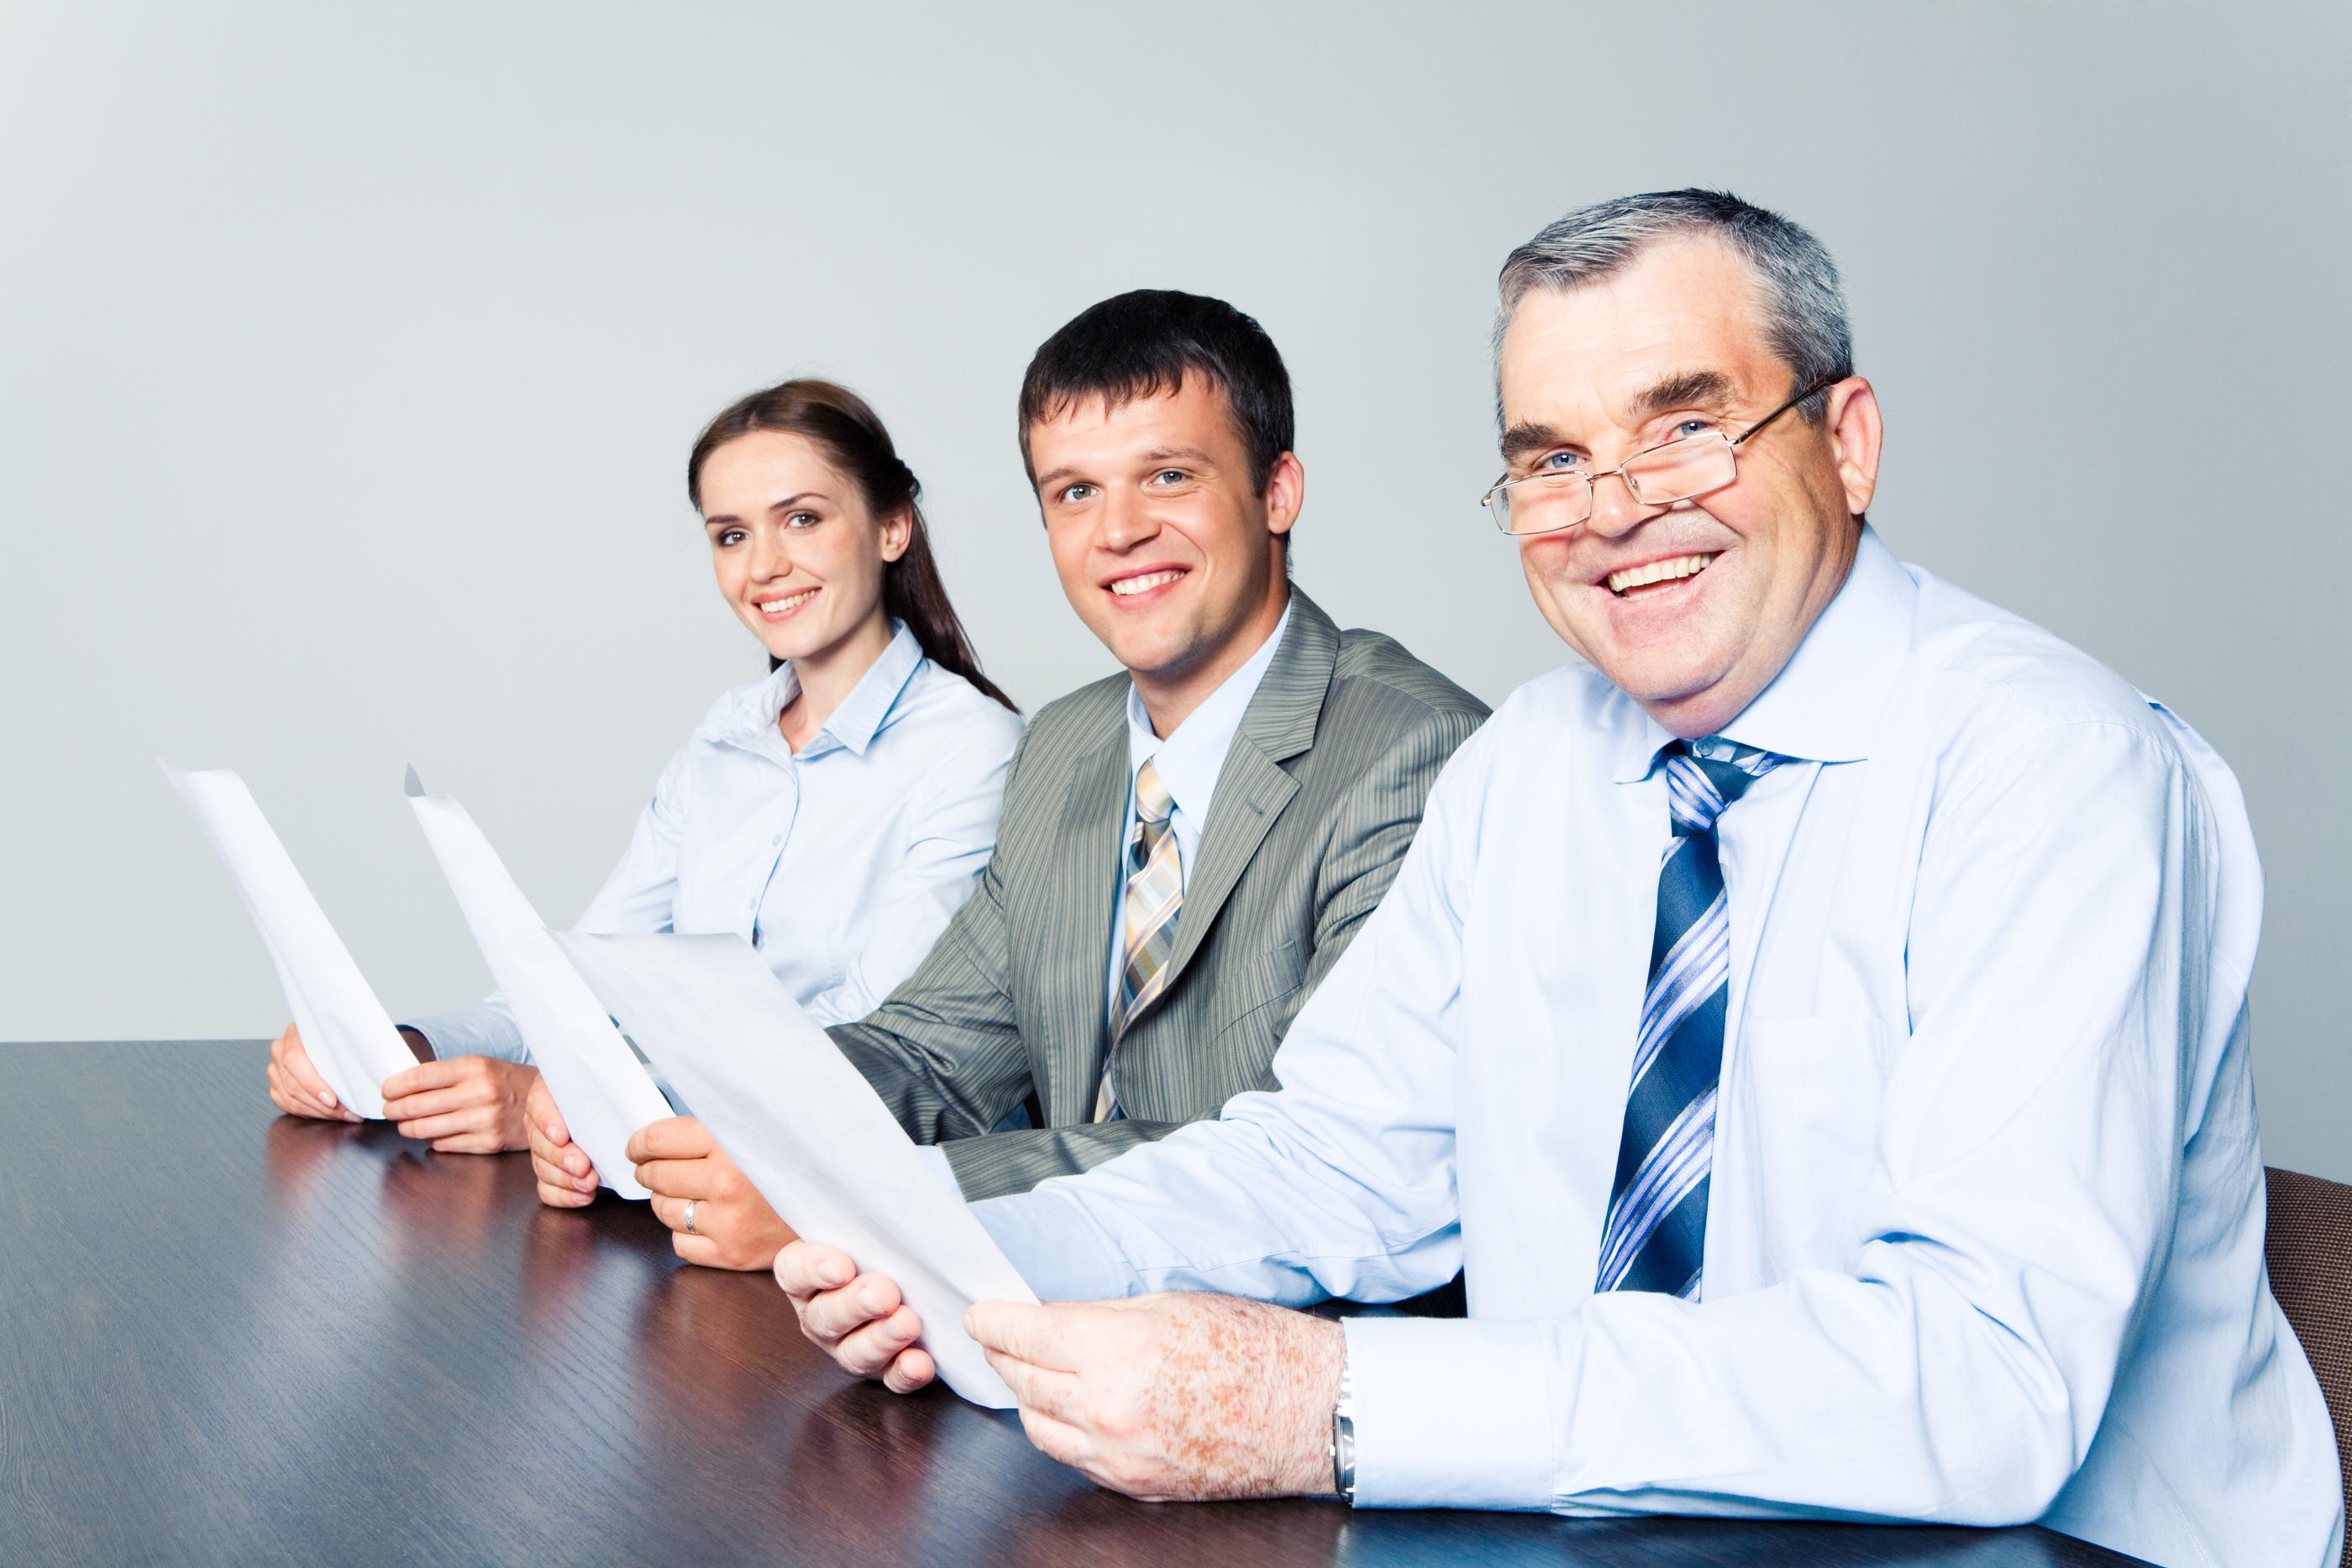 Rozmowa kwalifikacyjna sposobem na autoreklamę